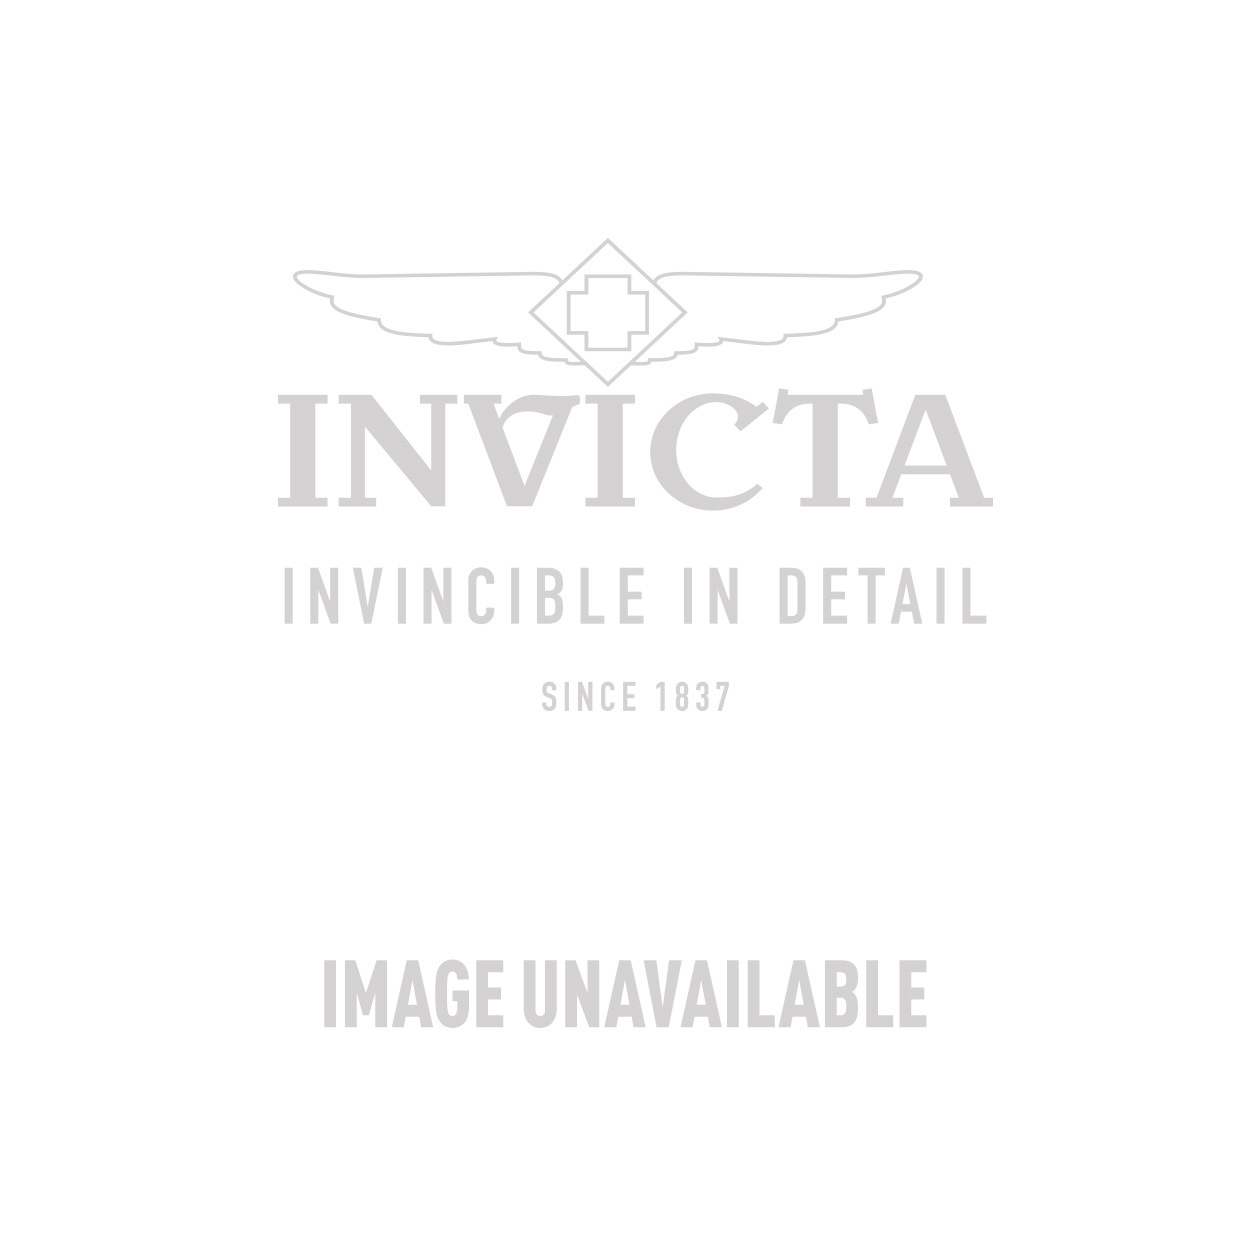 Invicta Model 24892